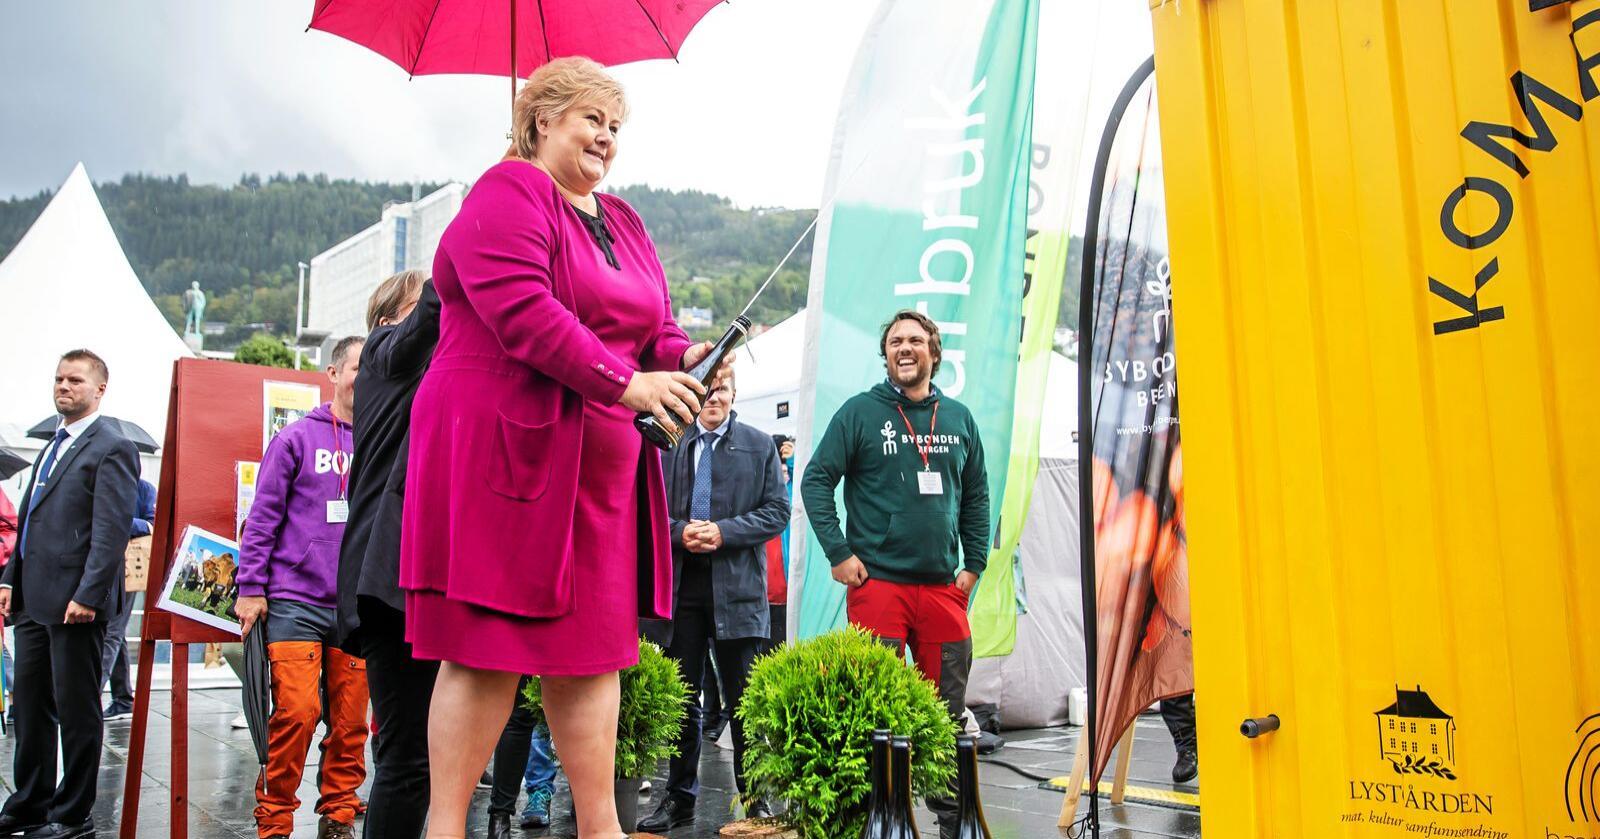 Statsminister Erna Solberg deltok på Bergen matfestival 2020, et arrangement som måtte endre sitt konsept og avlyse den planlagte festivalen på festningen, men ikke slapp regningen som staten sendte ut.  Foto: Tove Lise Mossestad